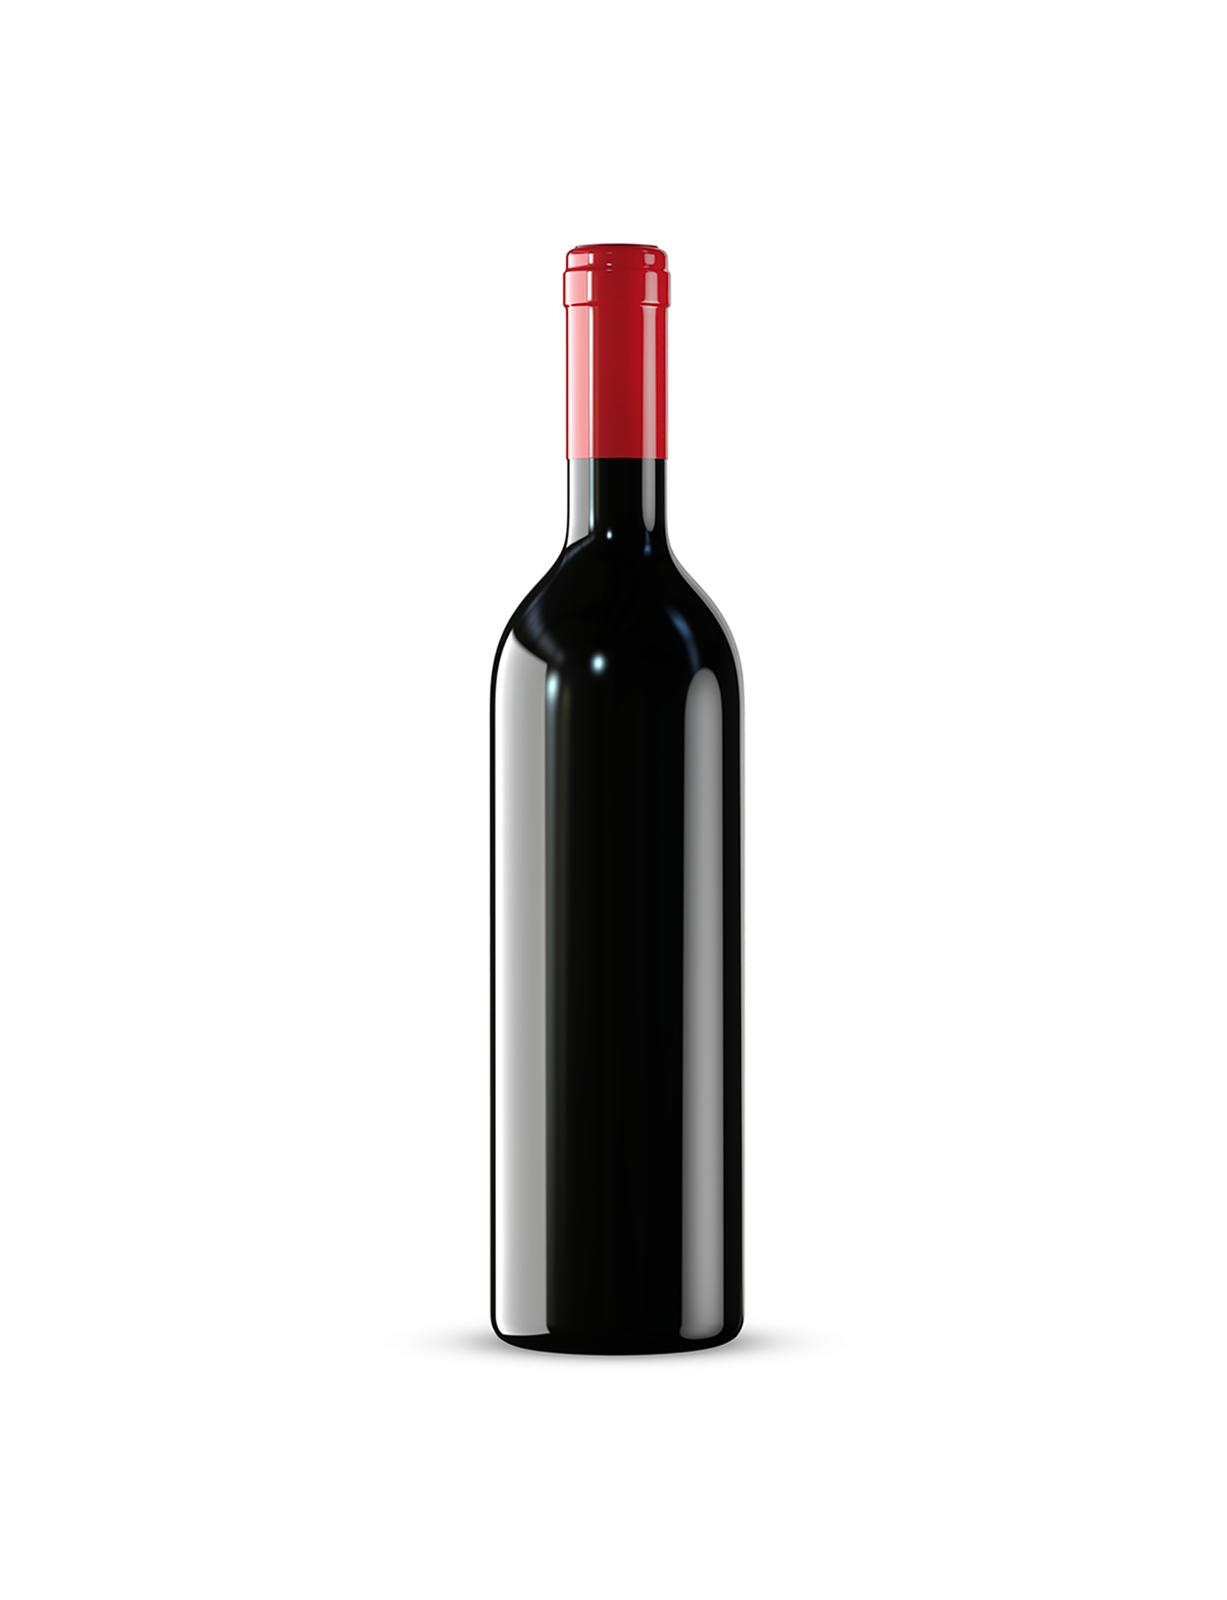 Medhurst Estate Chardonnay 2019